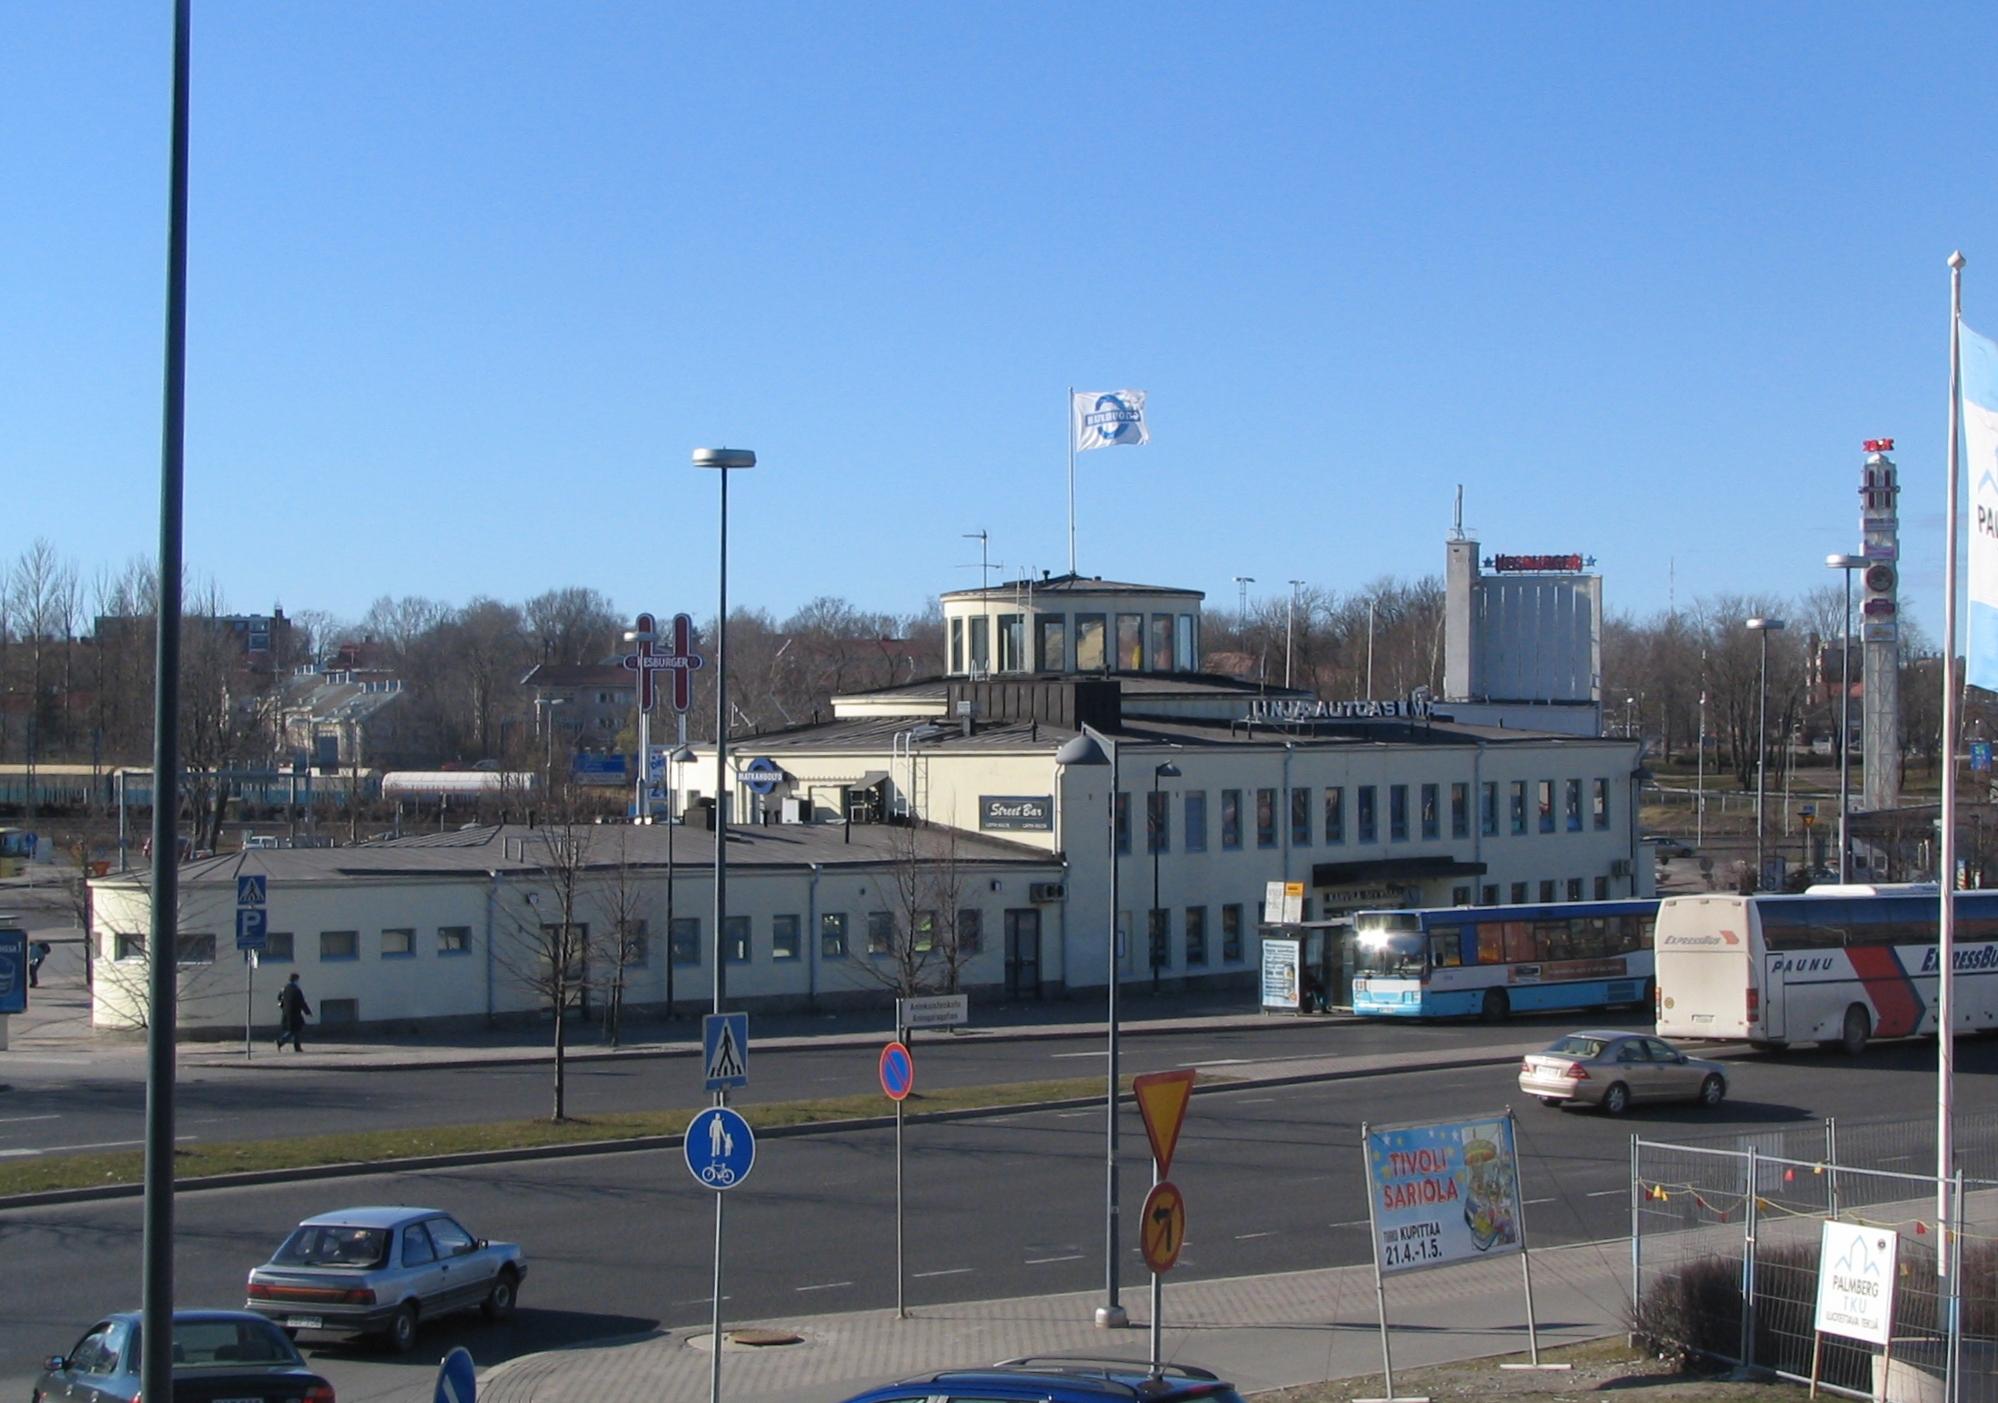 Busstation of Turku Järkyttävä teko: Soita heti poliisille, jos näit jotain